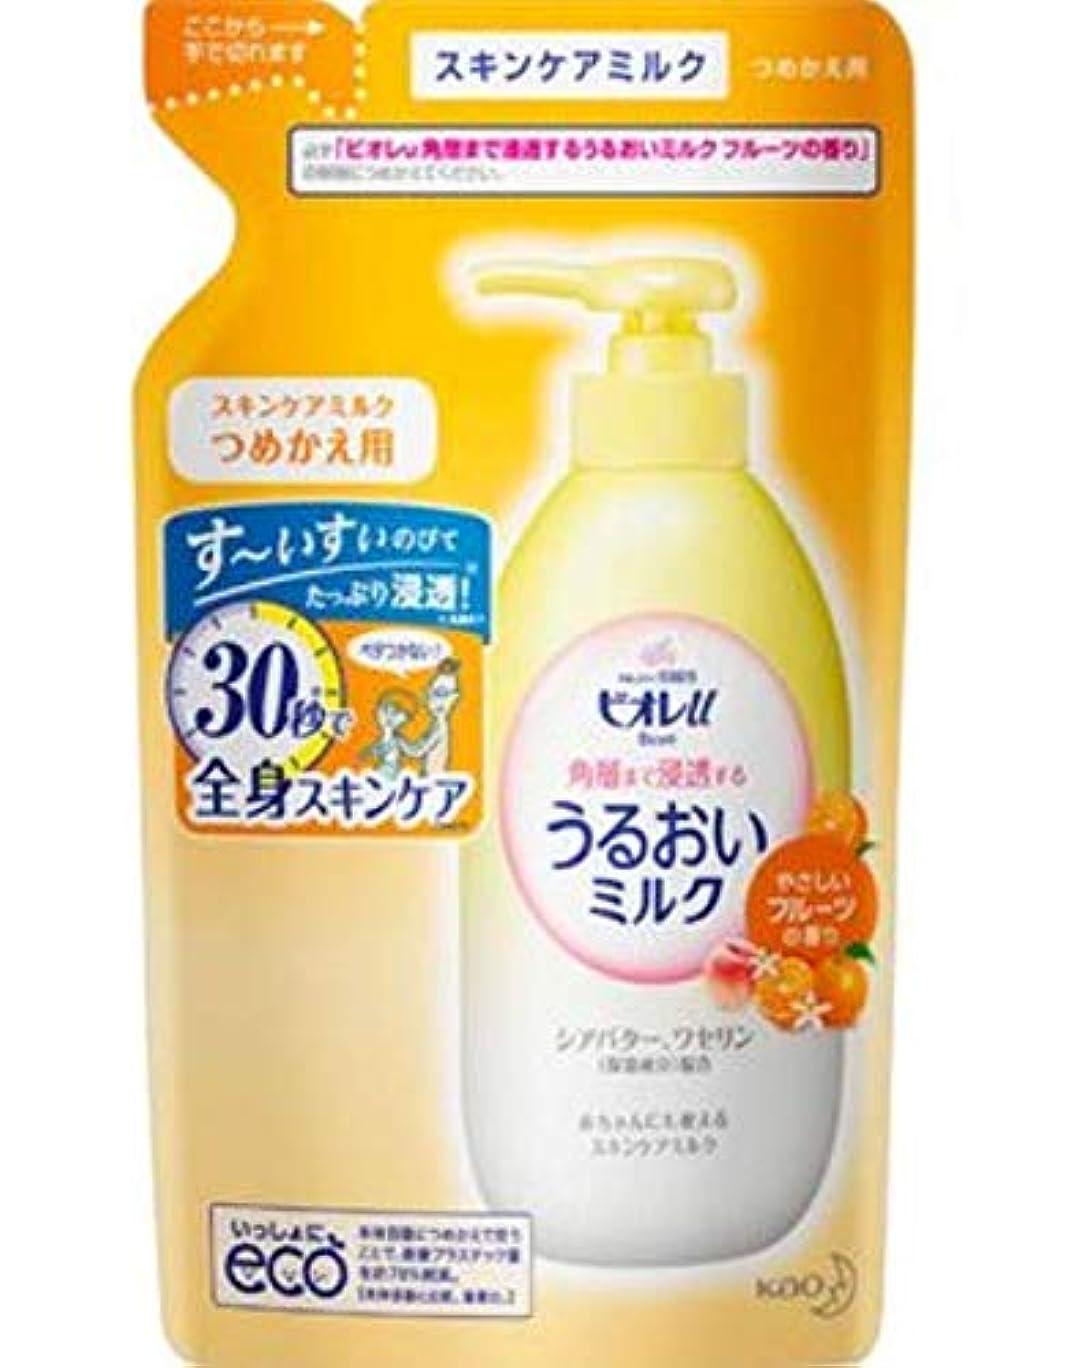 満了付添人起点ビオレu 角層まで浸透 うるおいミルク フルーツ 250ml 詰替